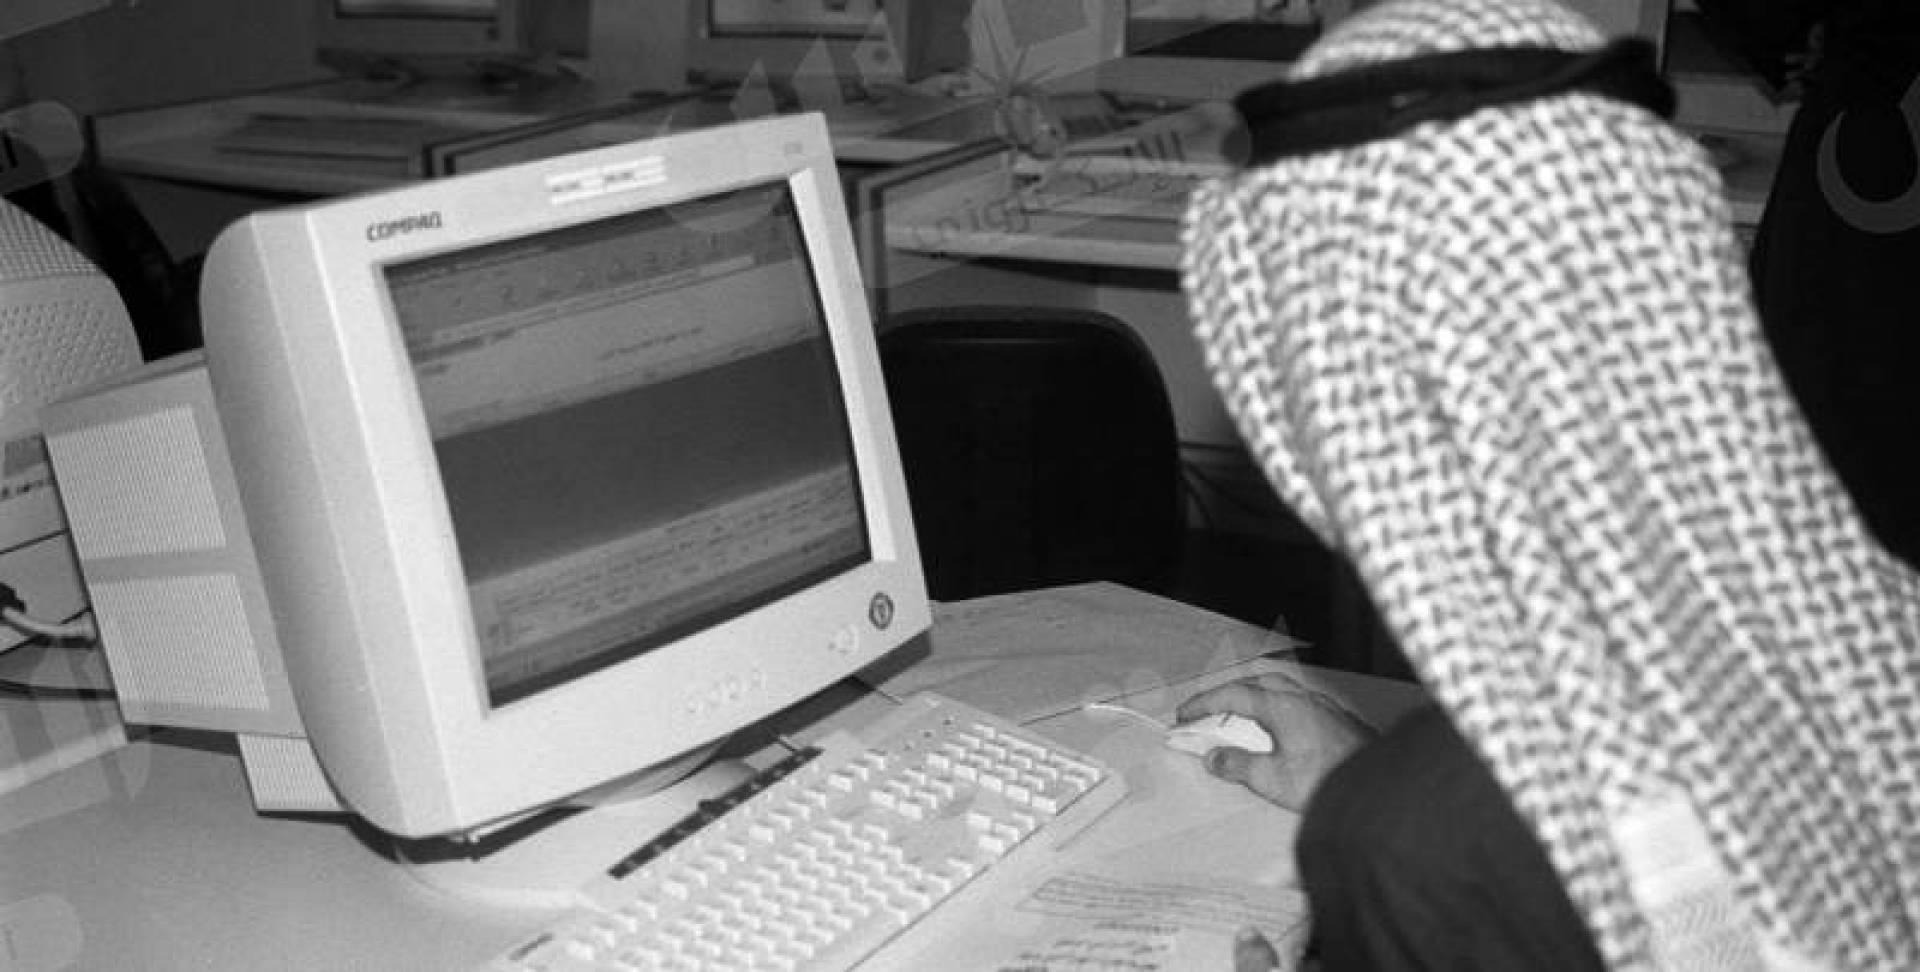 كويتي يعمل على جهاز الكمبيوتر.. أرشيفية